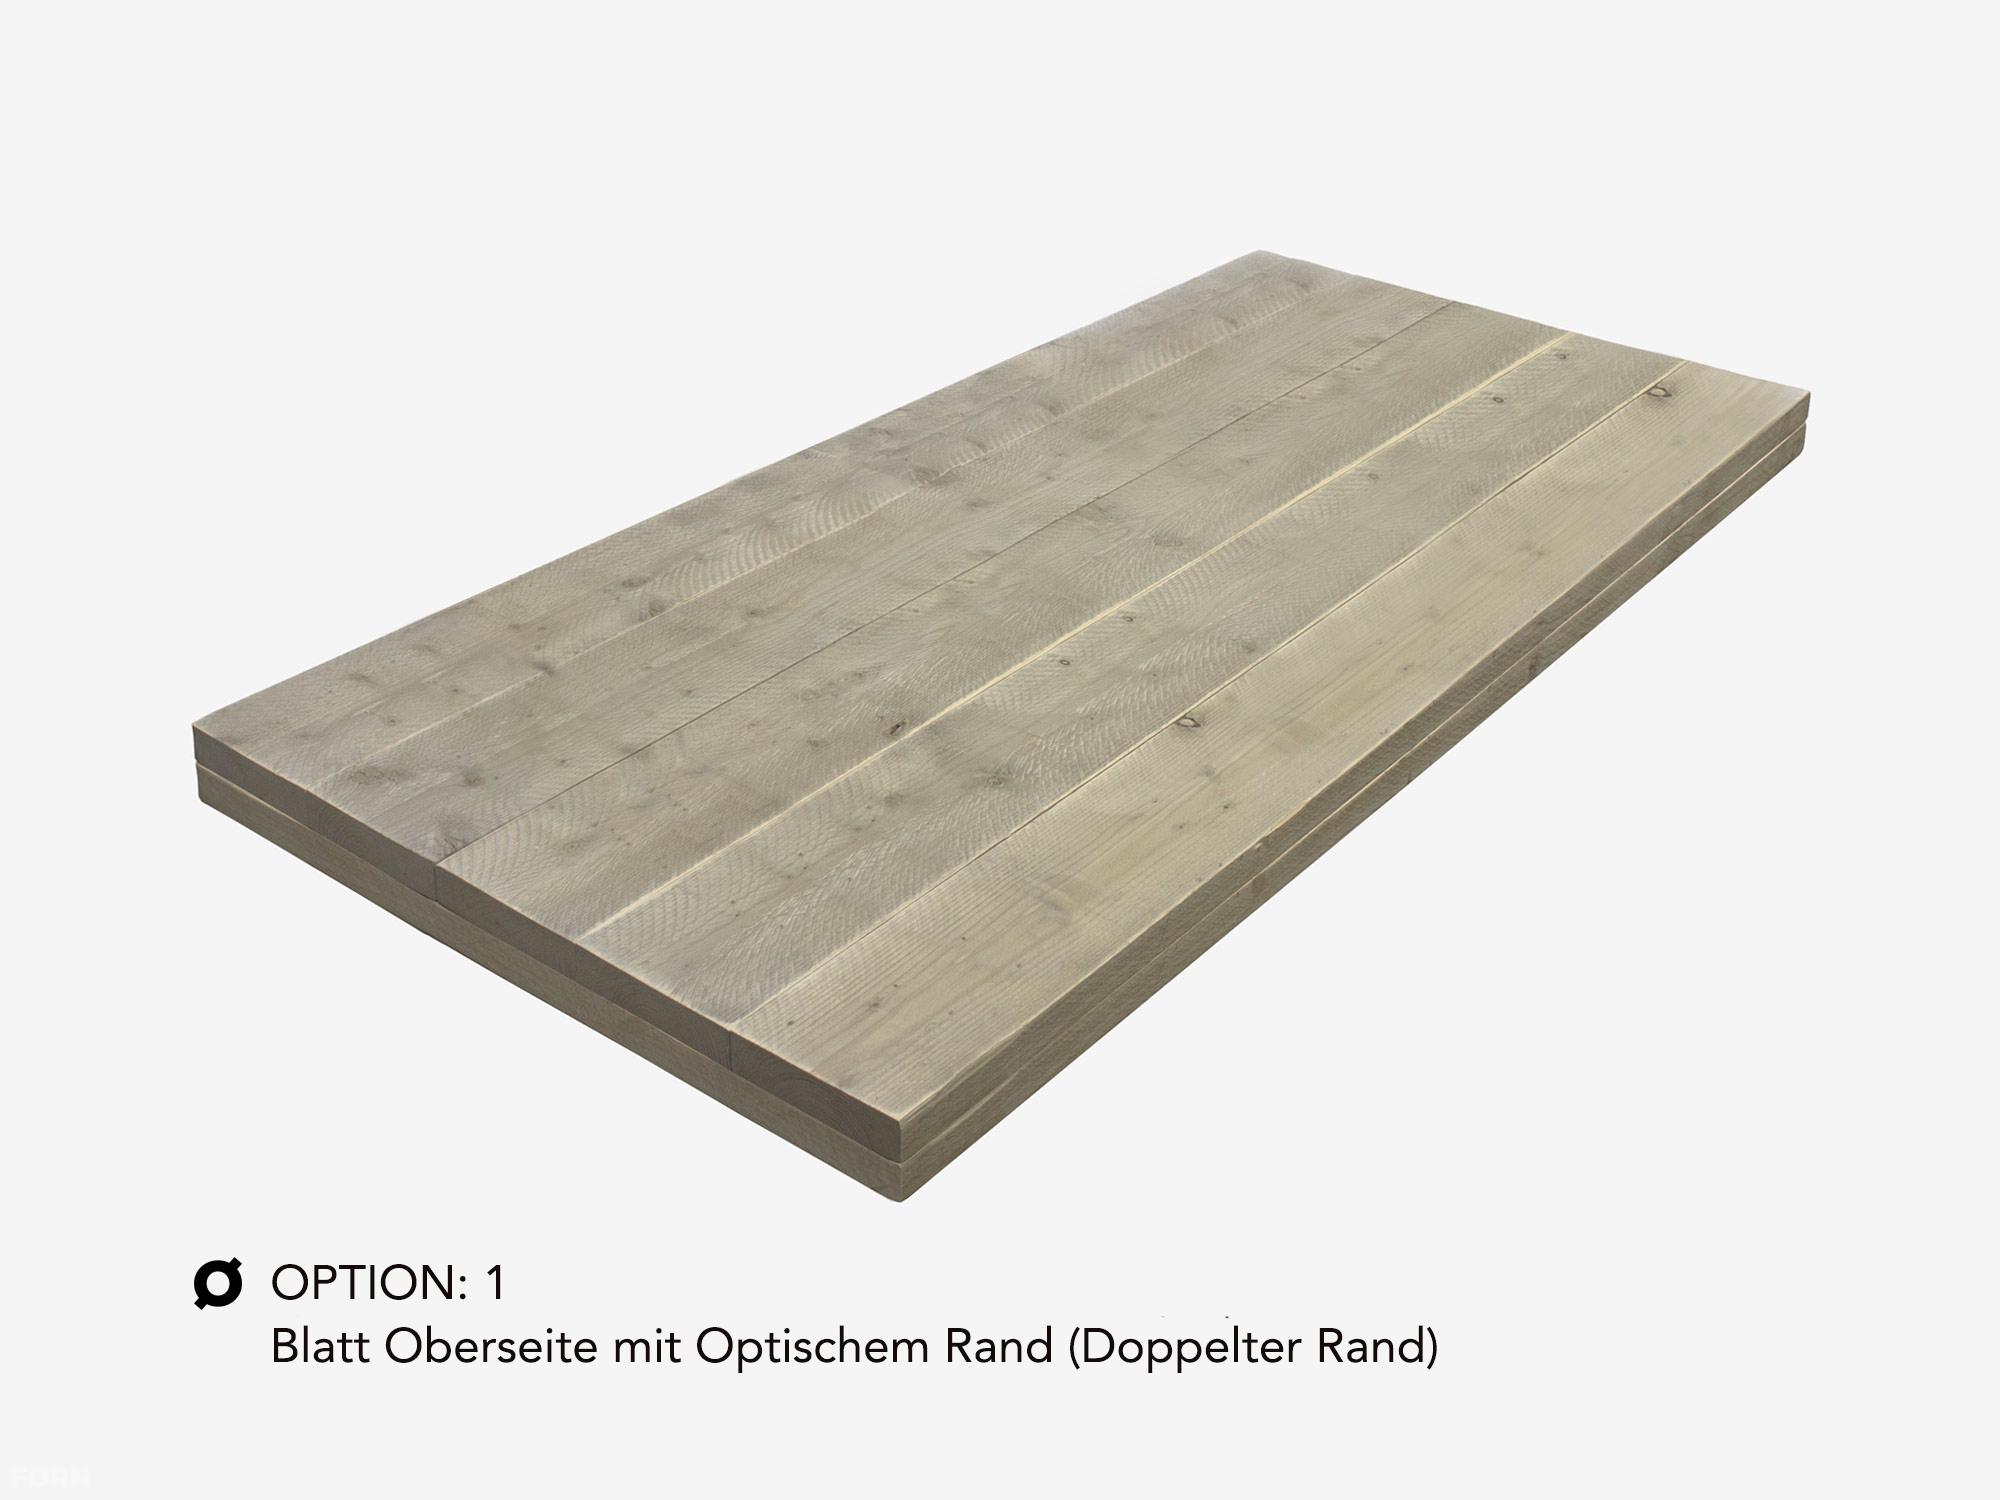 bauholz tischplatte kaufen bauholz m bel design. Black Bedroom Furniture Sets. Home Design Ideas